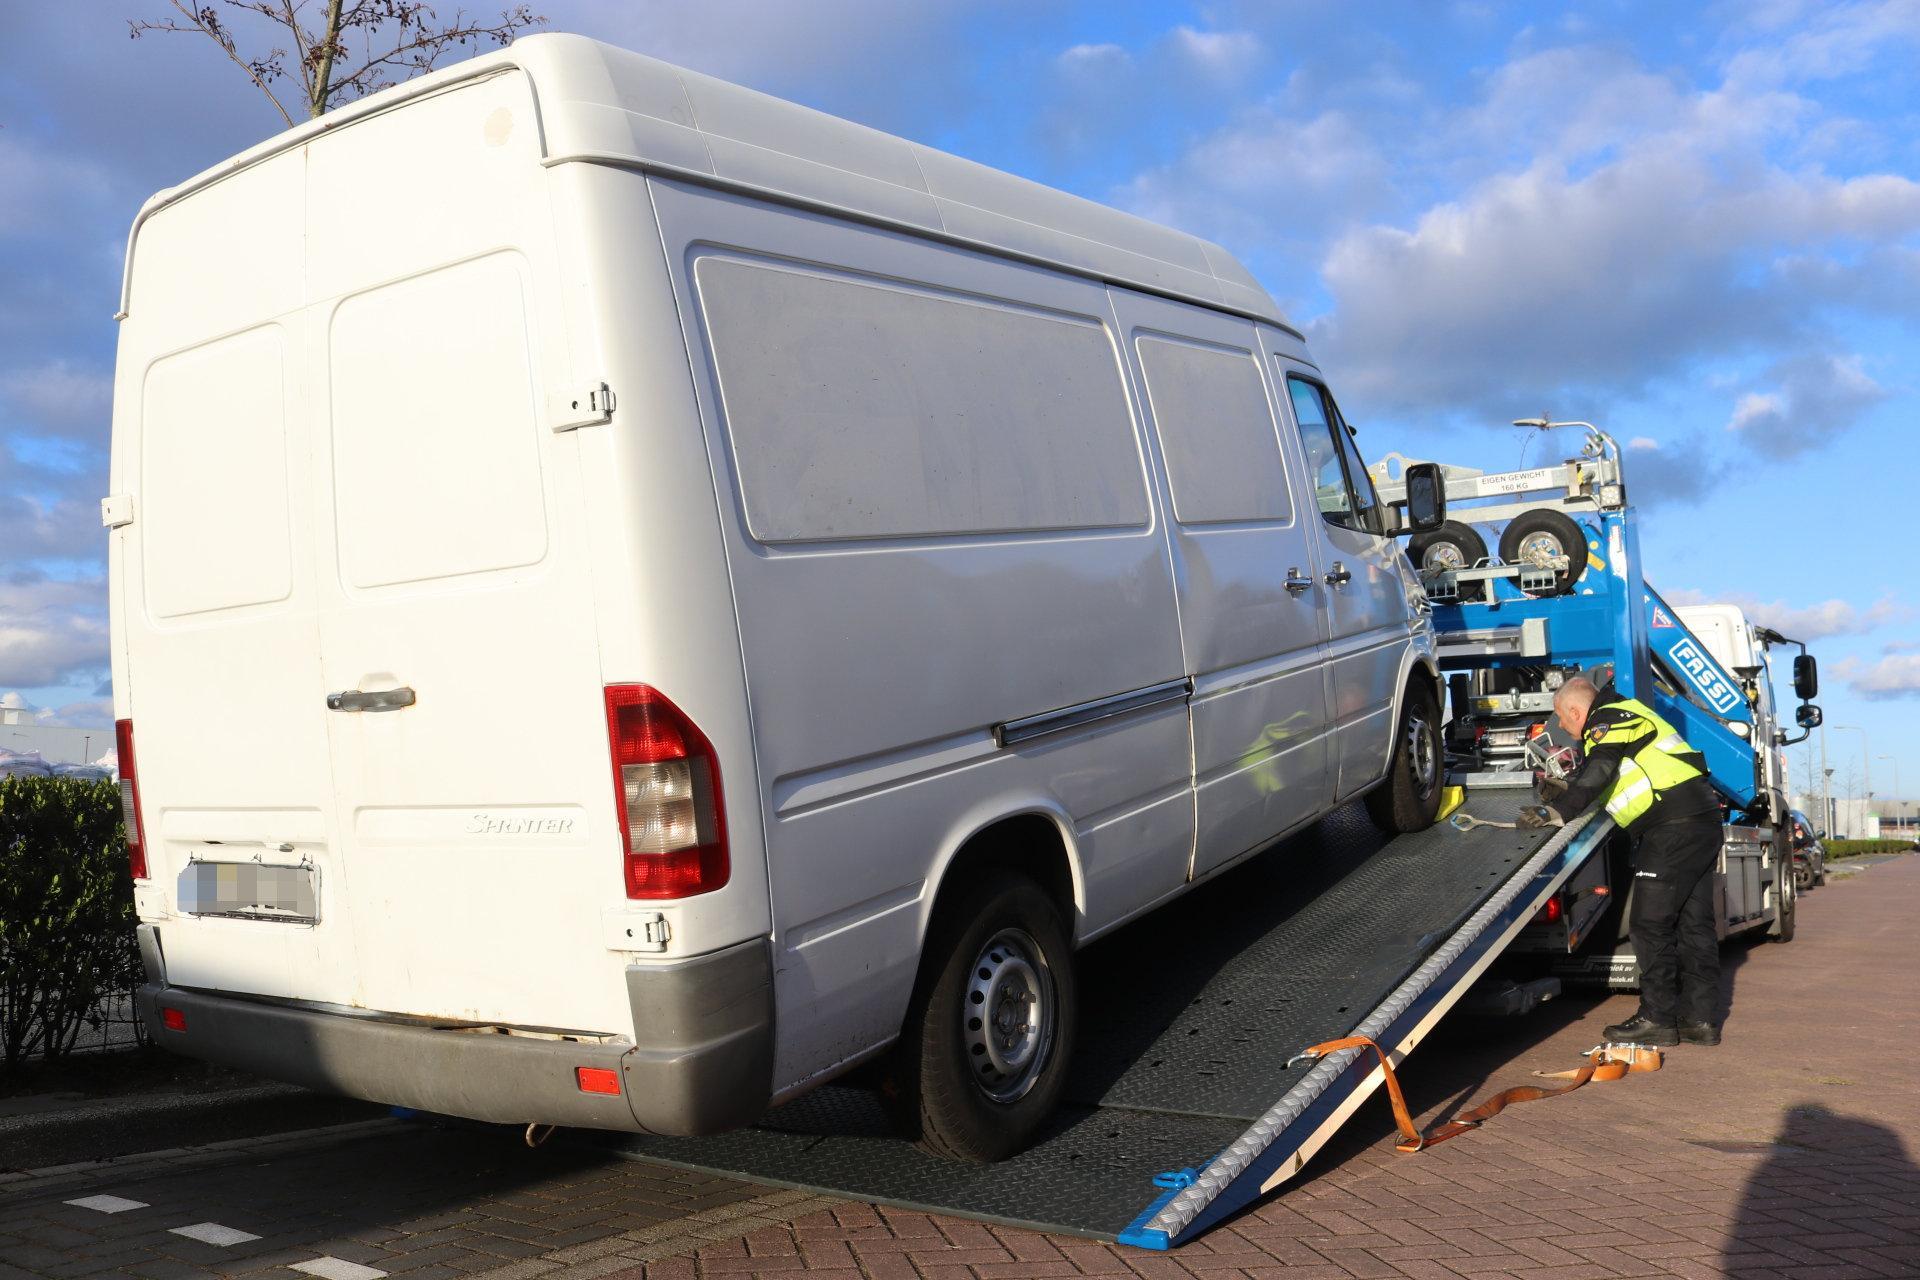 Bijna twee weken na inbraakpoging Rijnsburg wordt door politie gezochte Duitse bestelbus gevonden